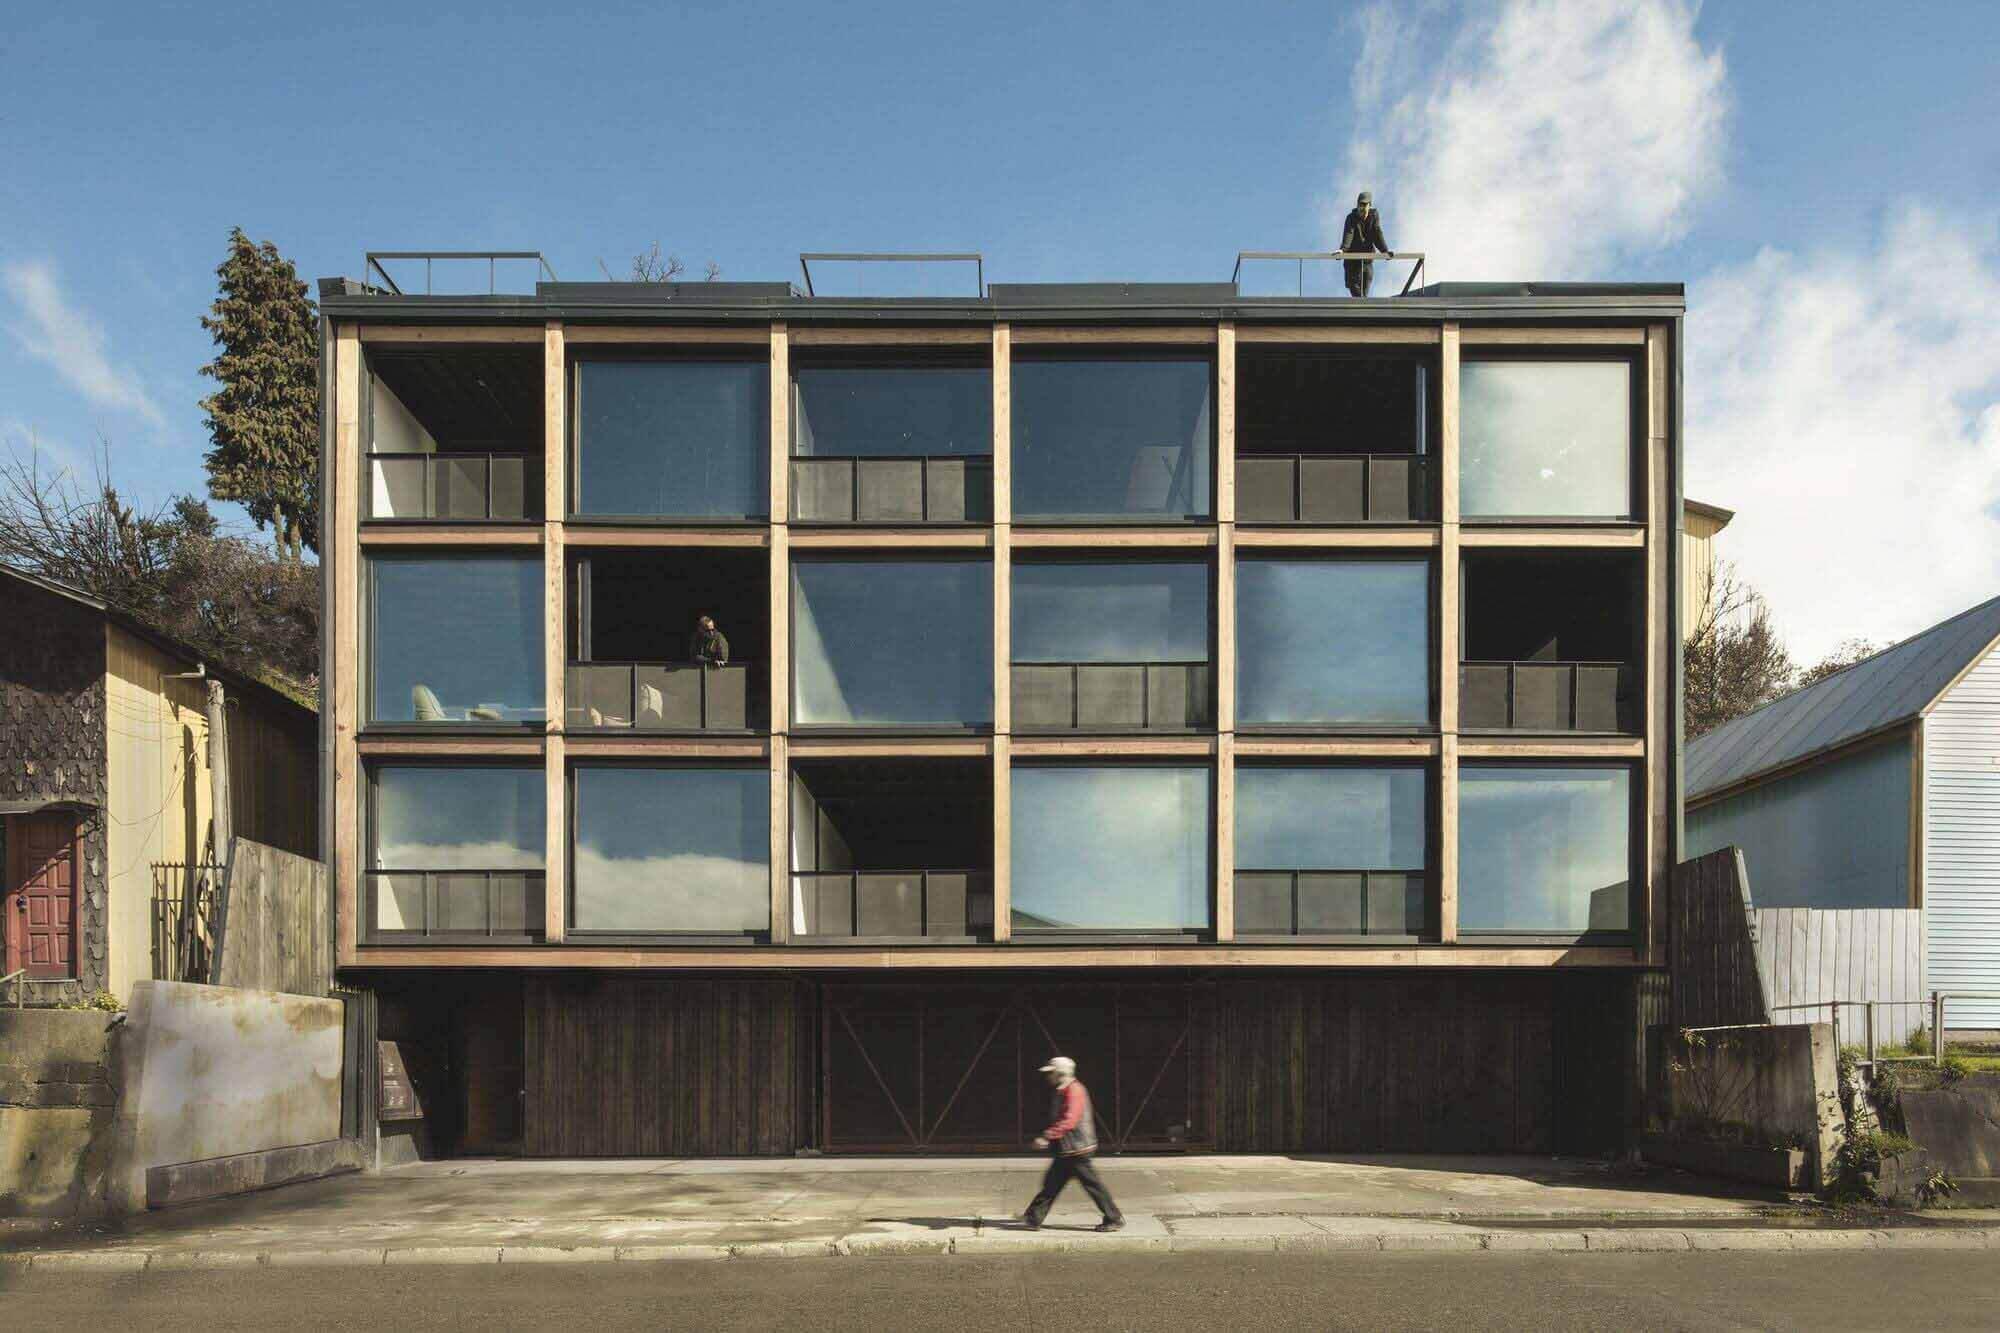 Estación Building / Ortuzar Gebauer Arquitectos